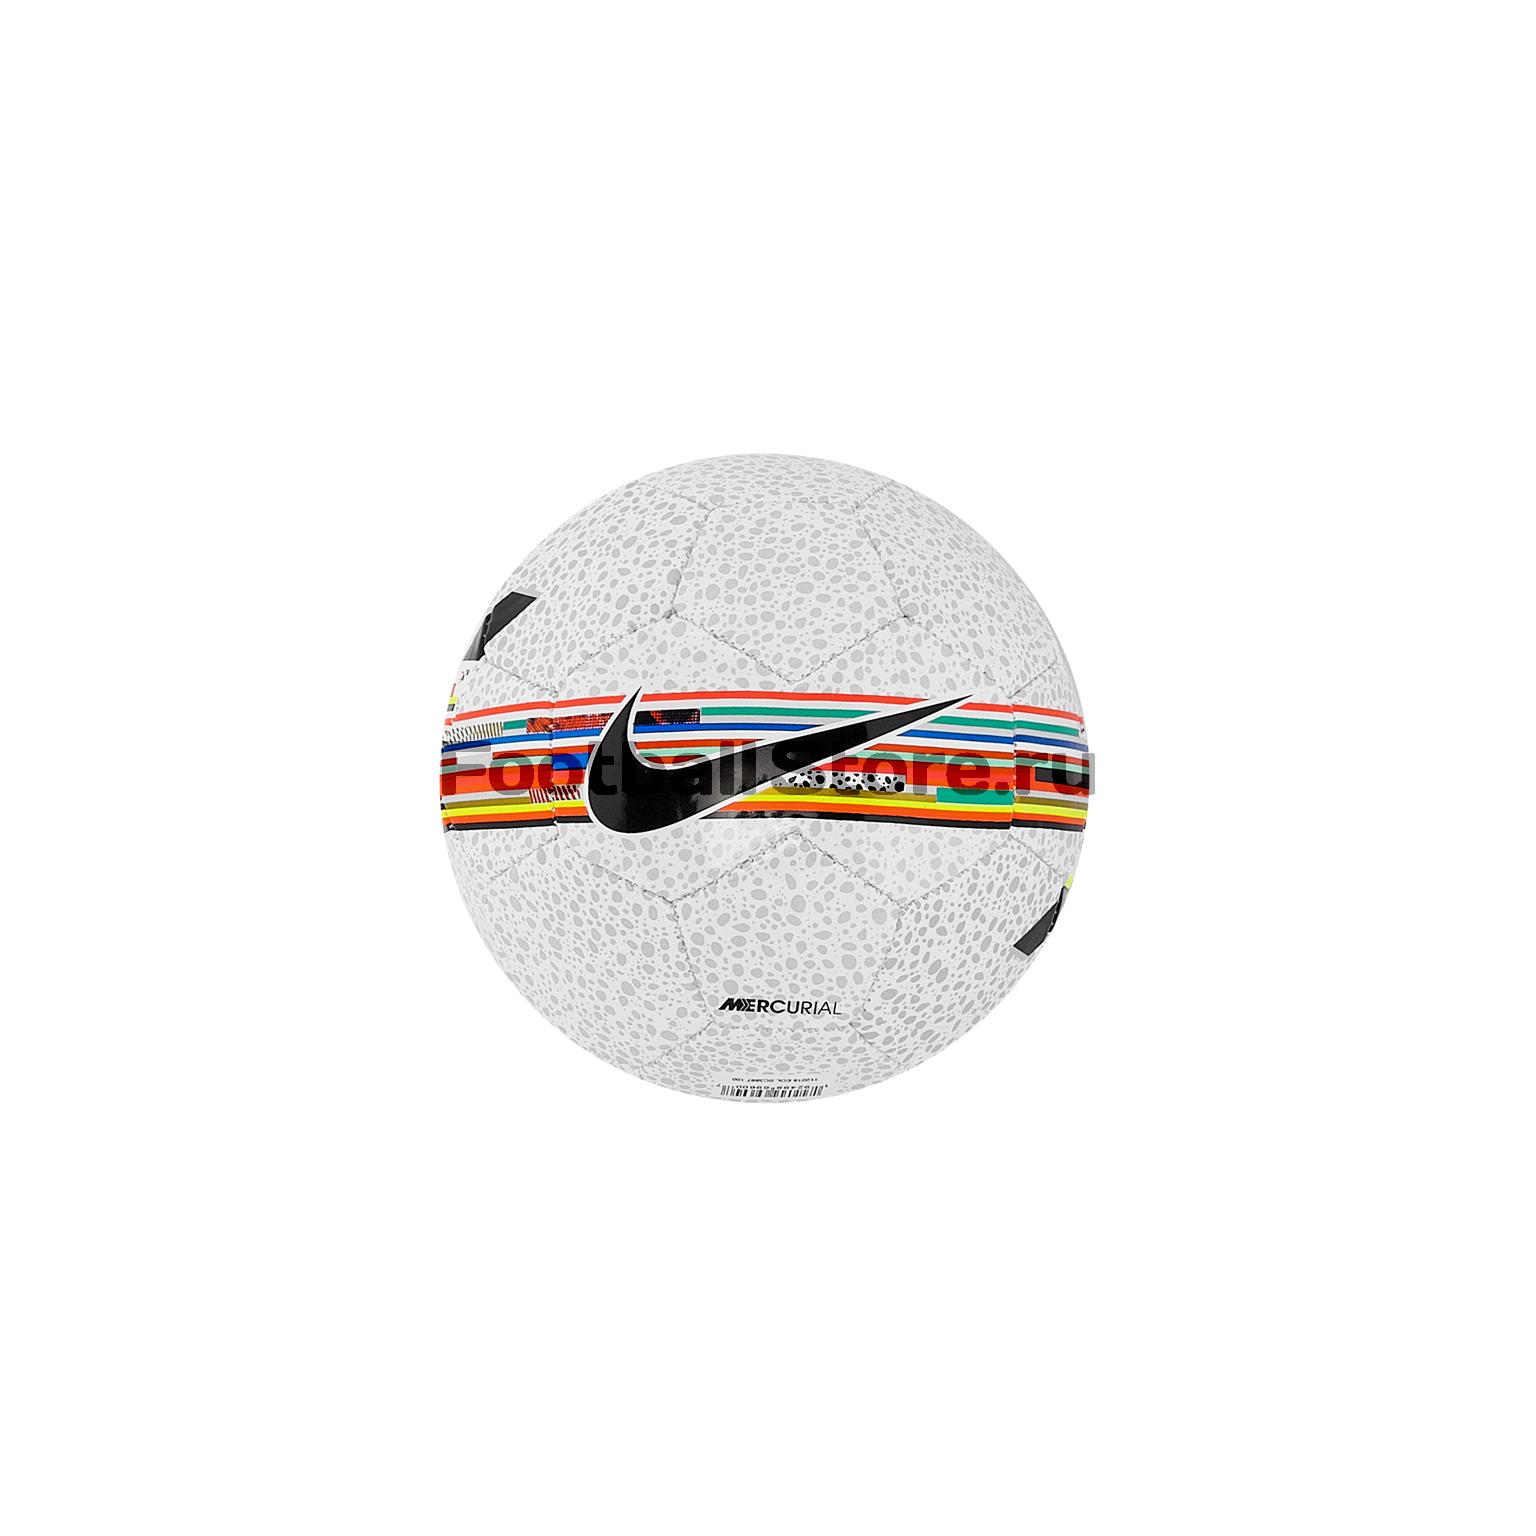 Мяч сувенирный Nike Mercurial Skills SC3897-100